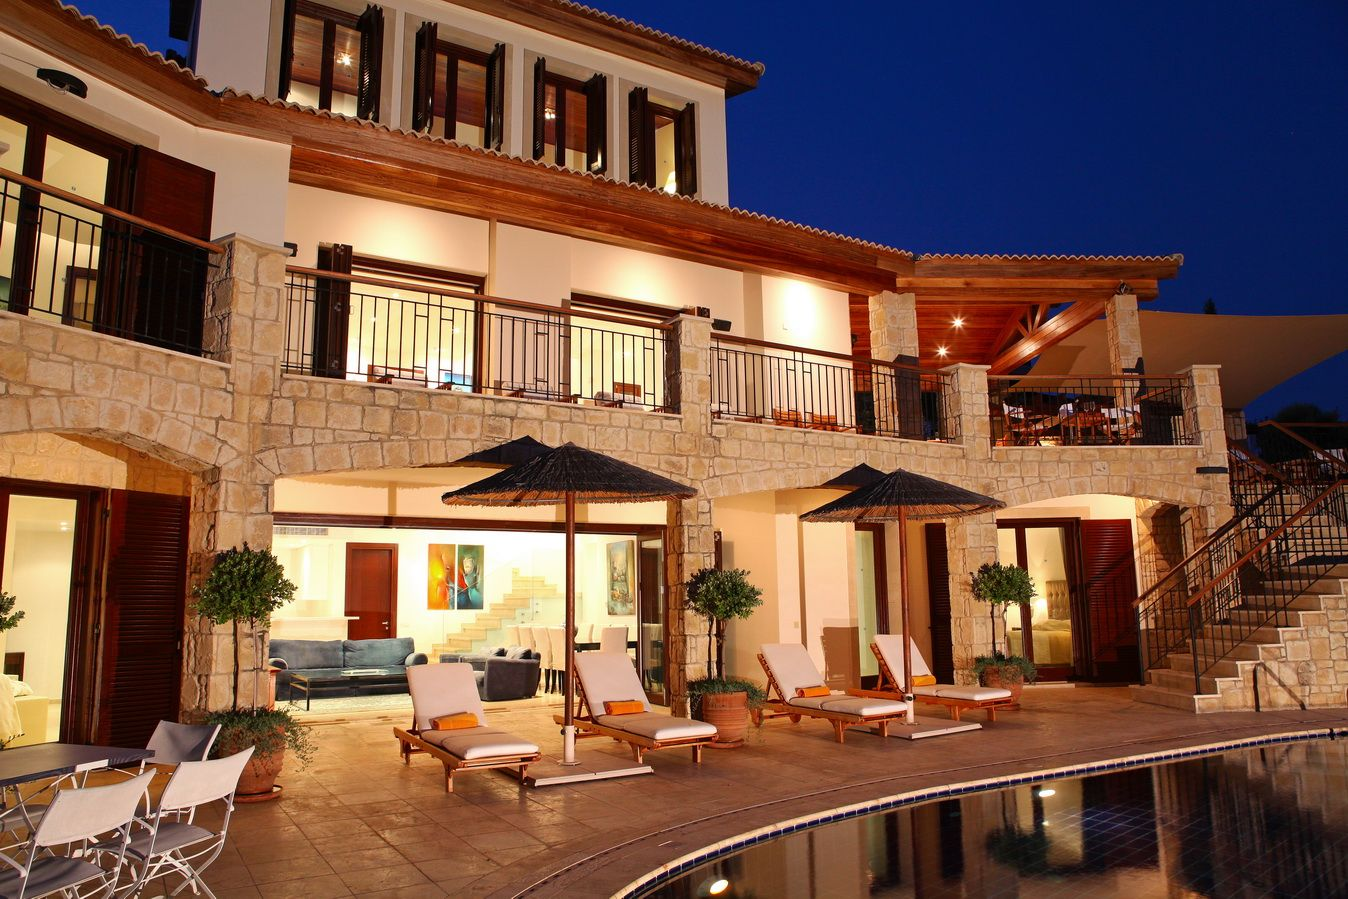 3a4ddb2e73514c40a1f3b8f018bd2c9f - Property For Sale Aphrodite Gardens Paphos